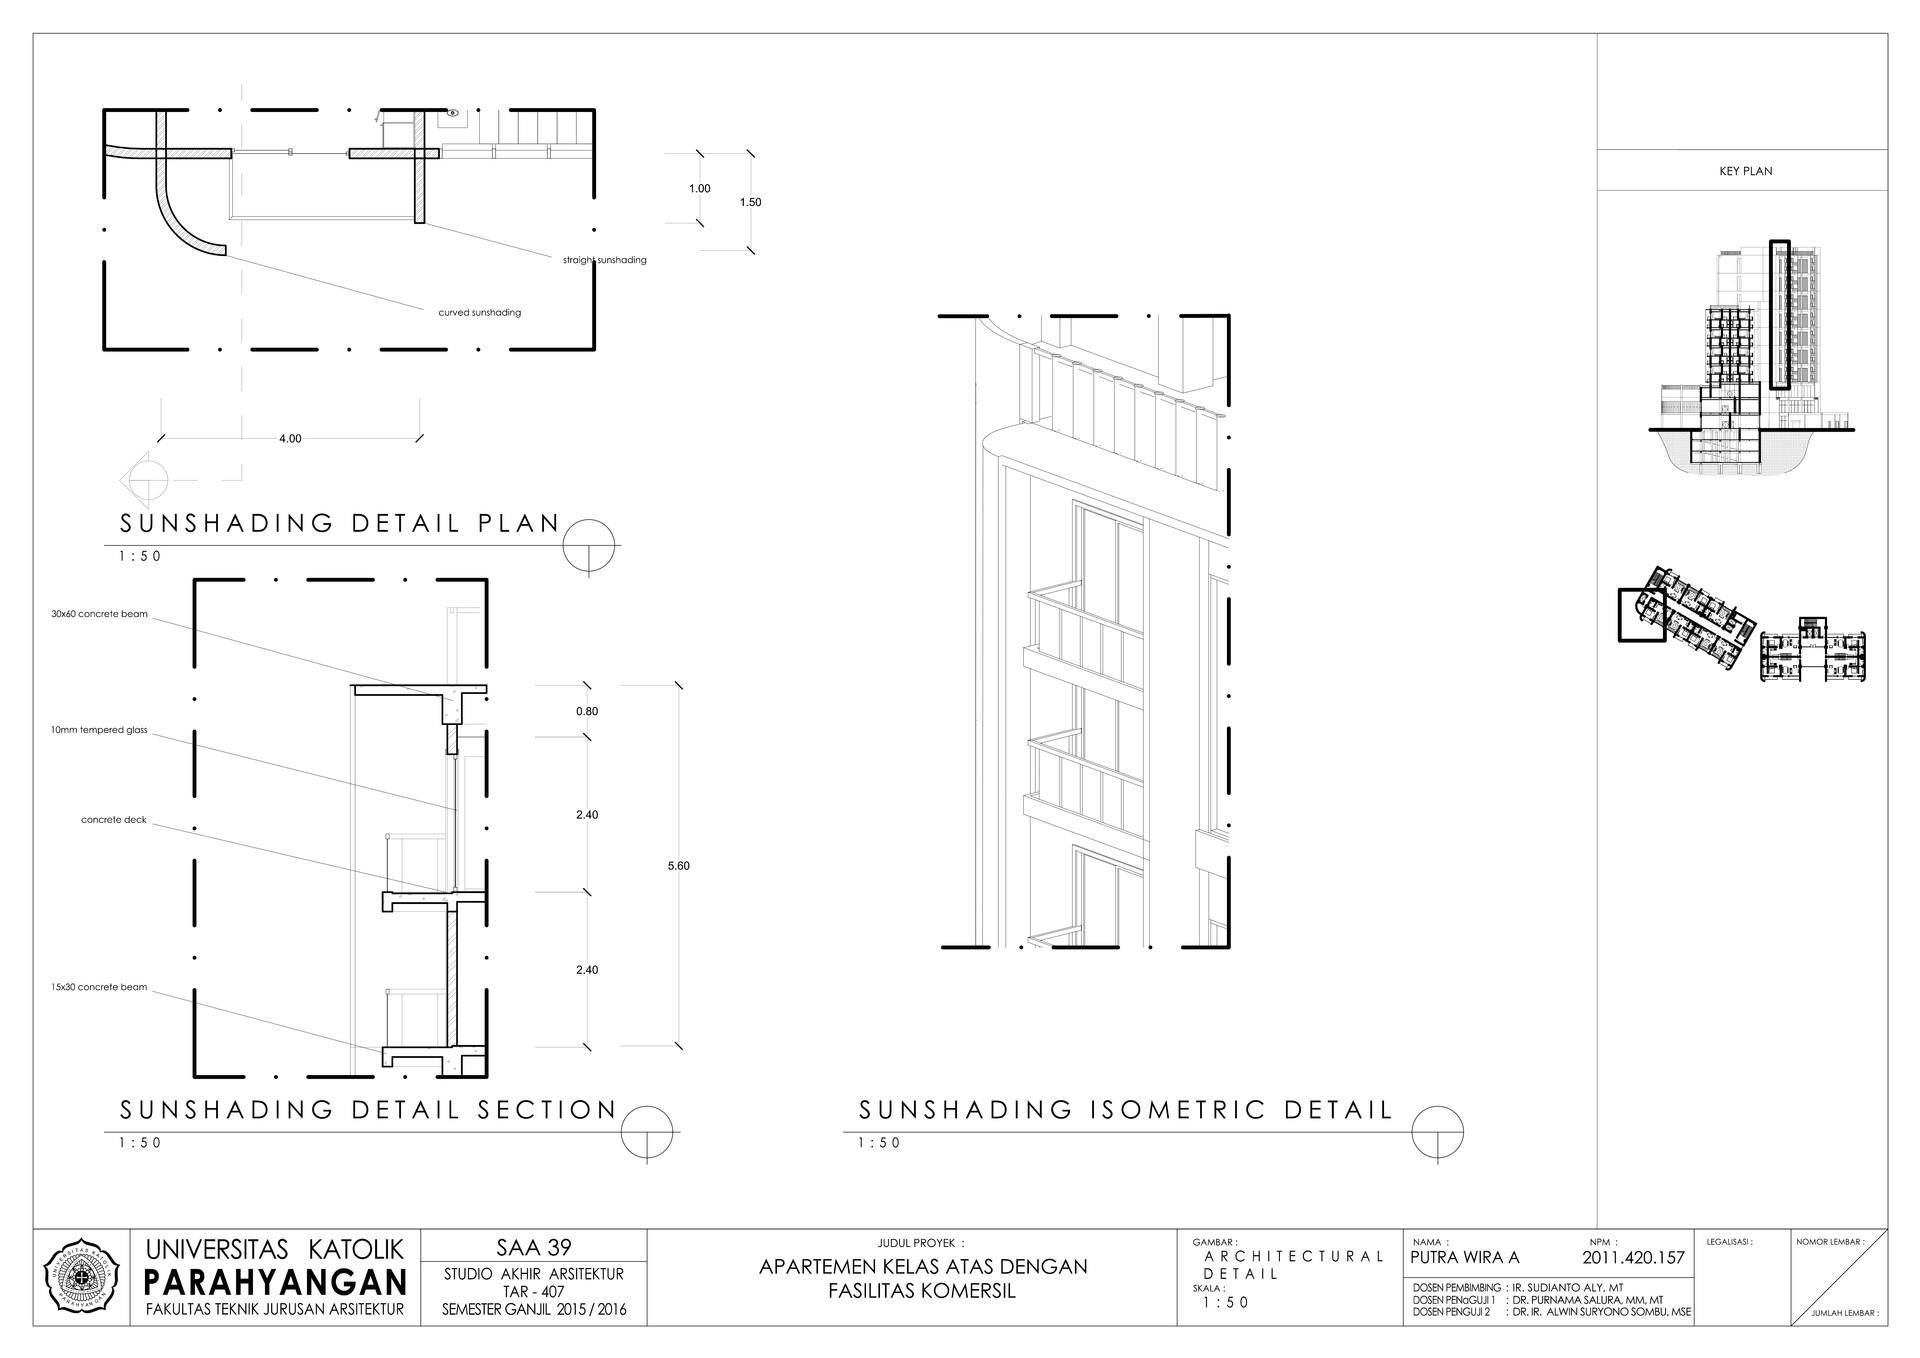 Putra wira adhiprajna 16 architectural detail